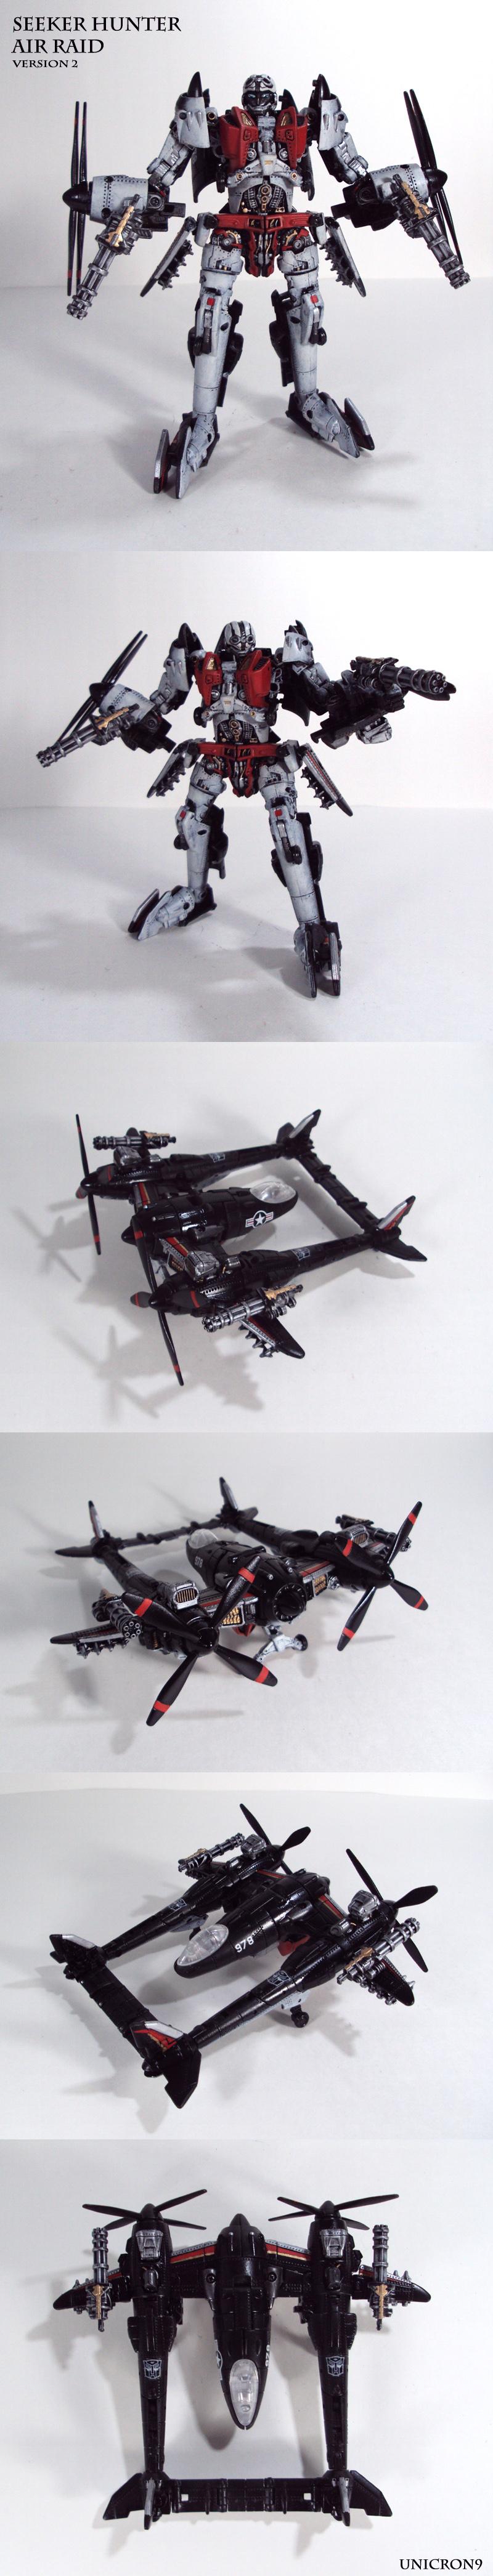 Seeker Hunter Air Raid V2 by Unicron9